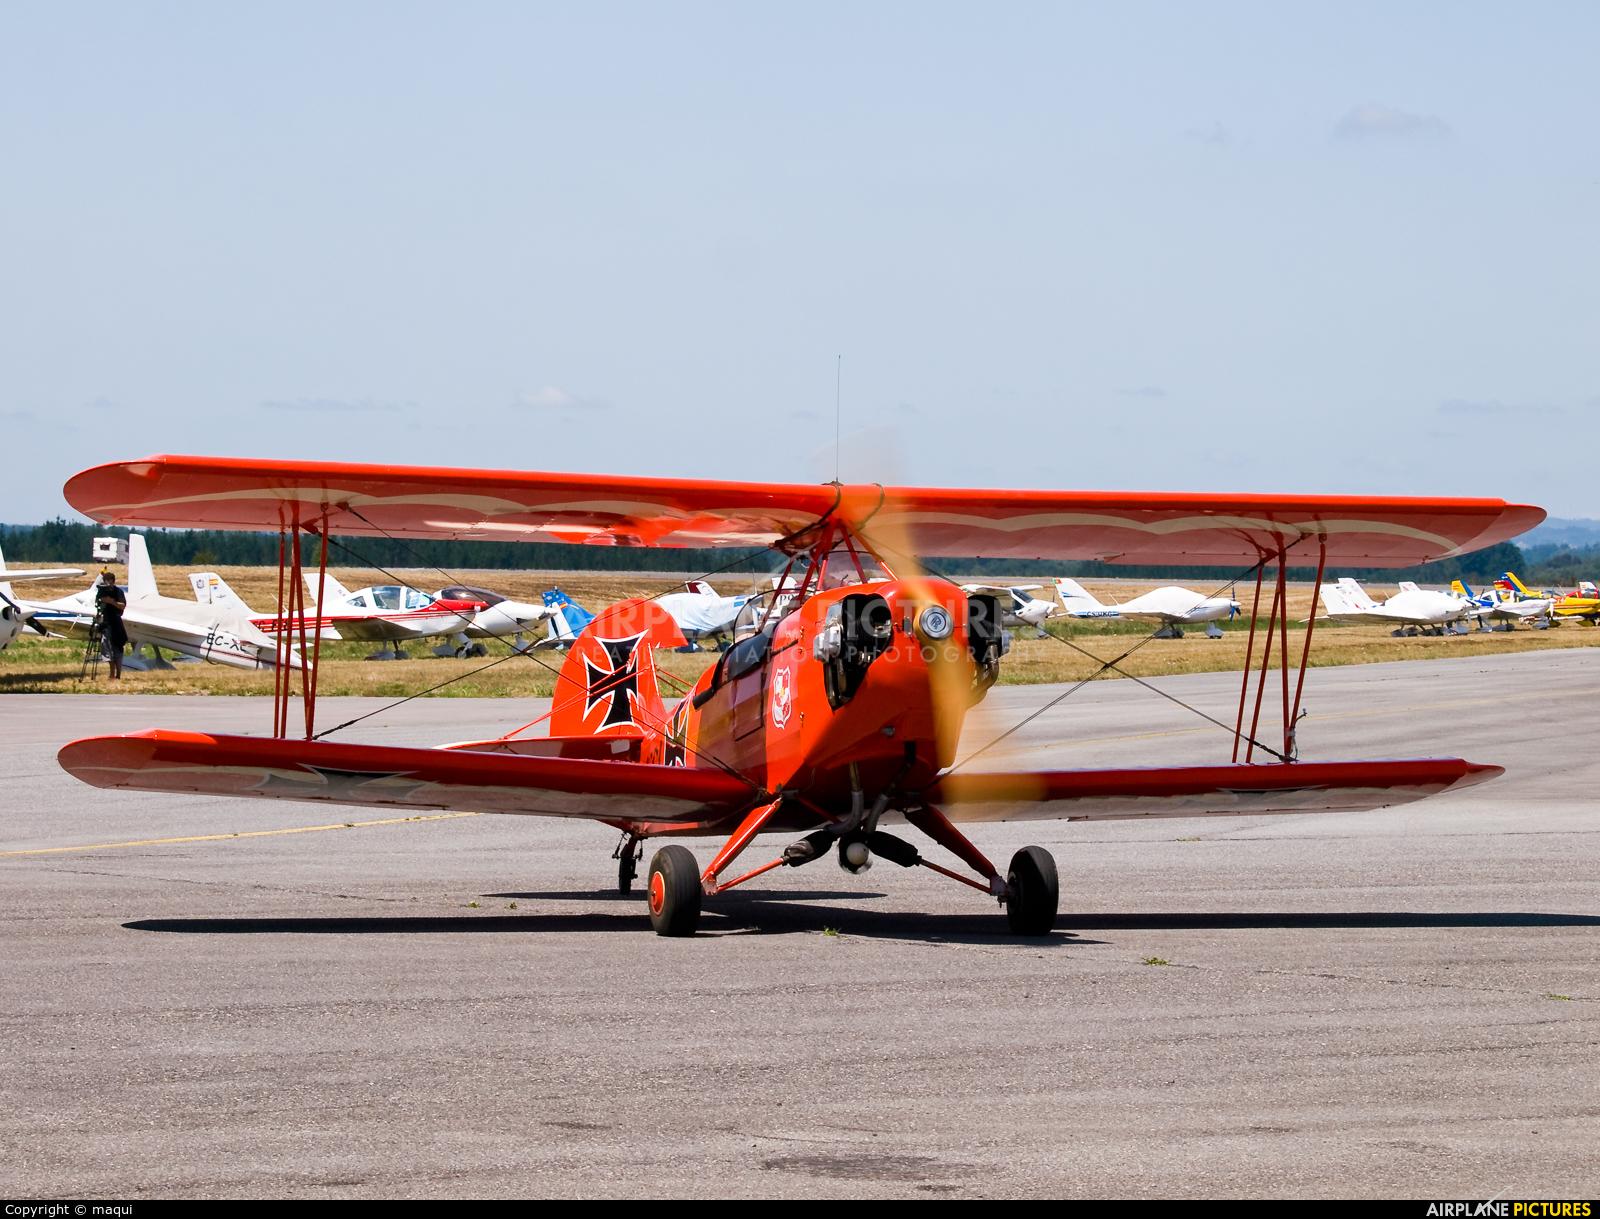 Private EC-XBI aircraft at Lugo - Rozas